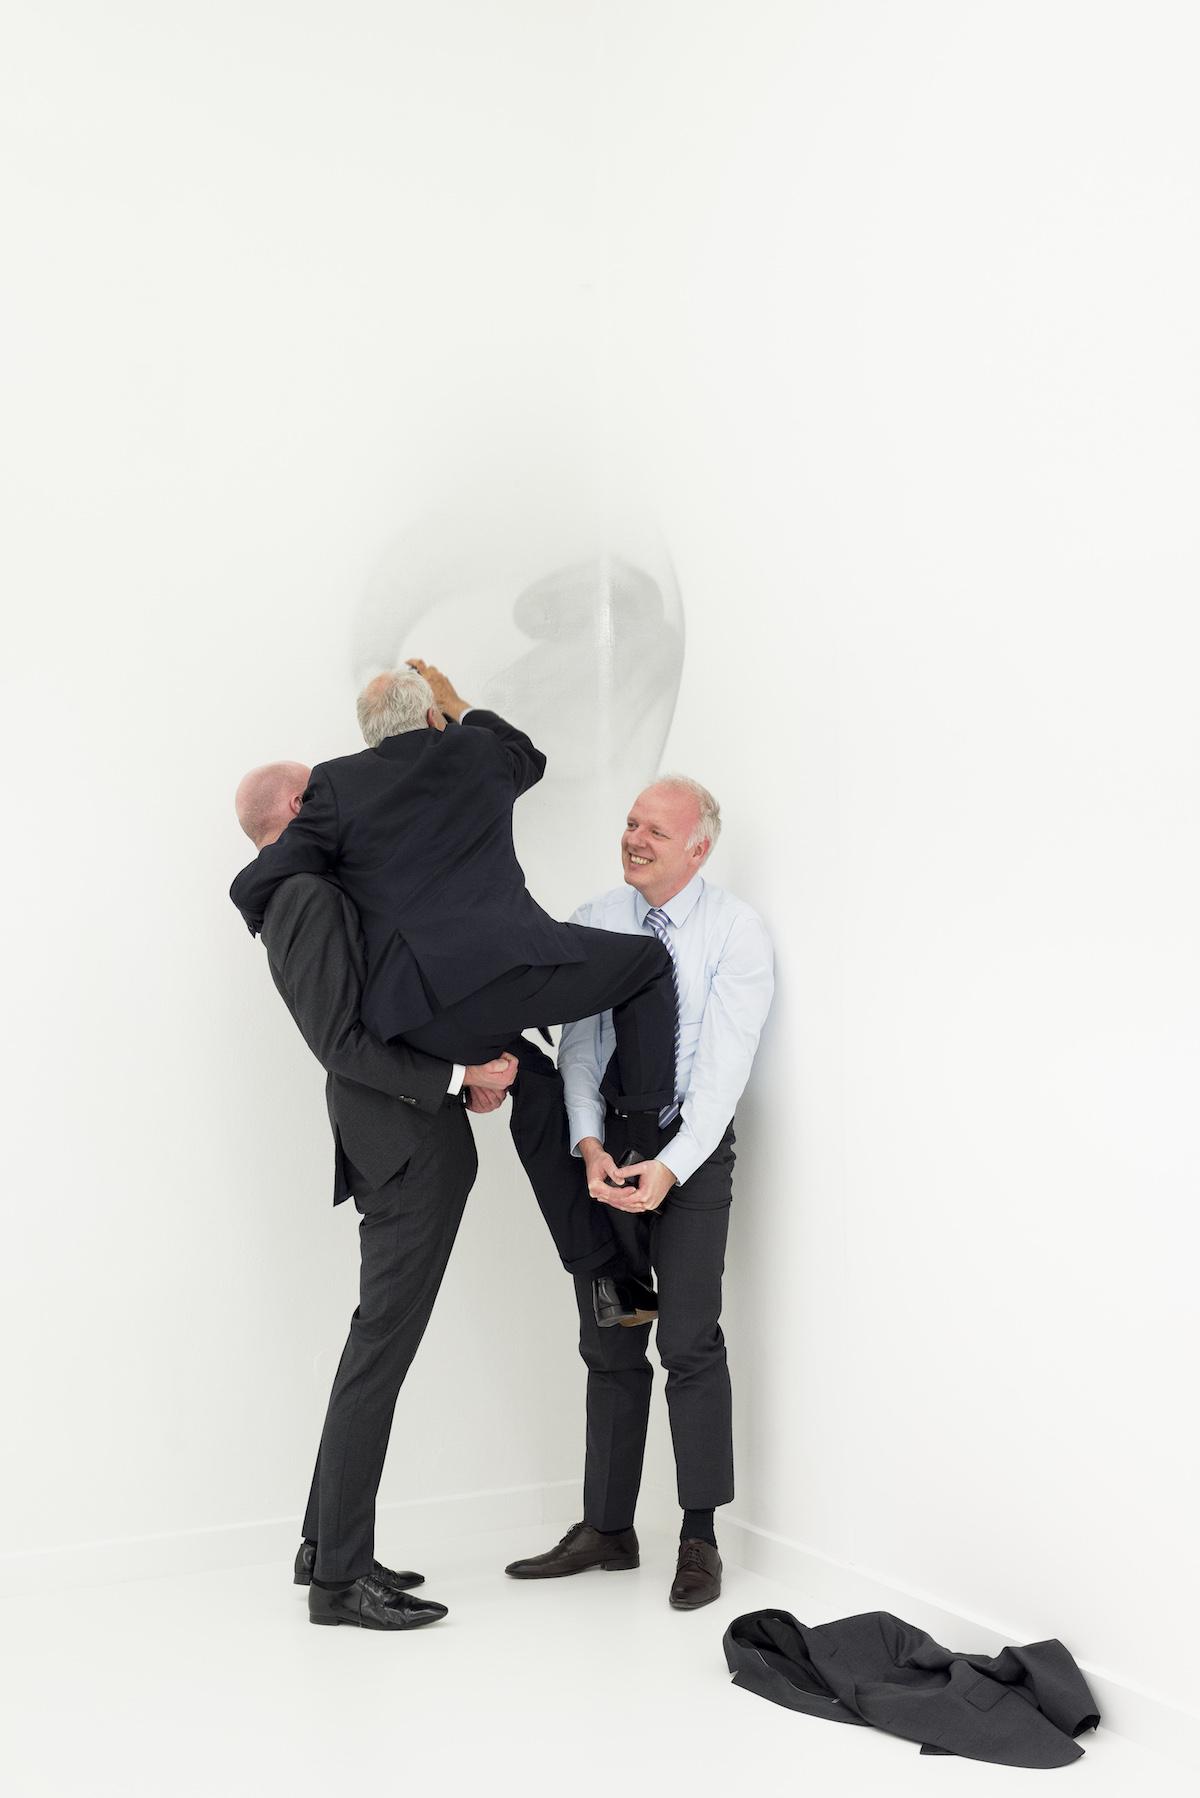 Available, Kunstverein Braunschweig, 2015. Photo by Stefan Stark